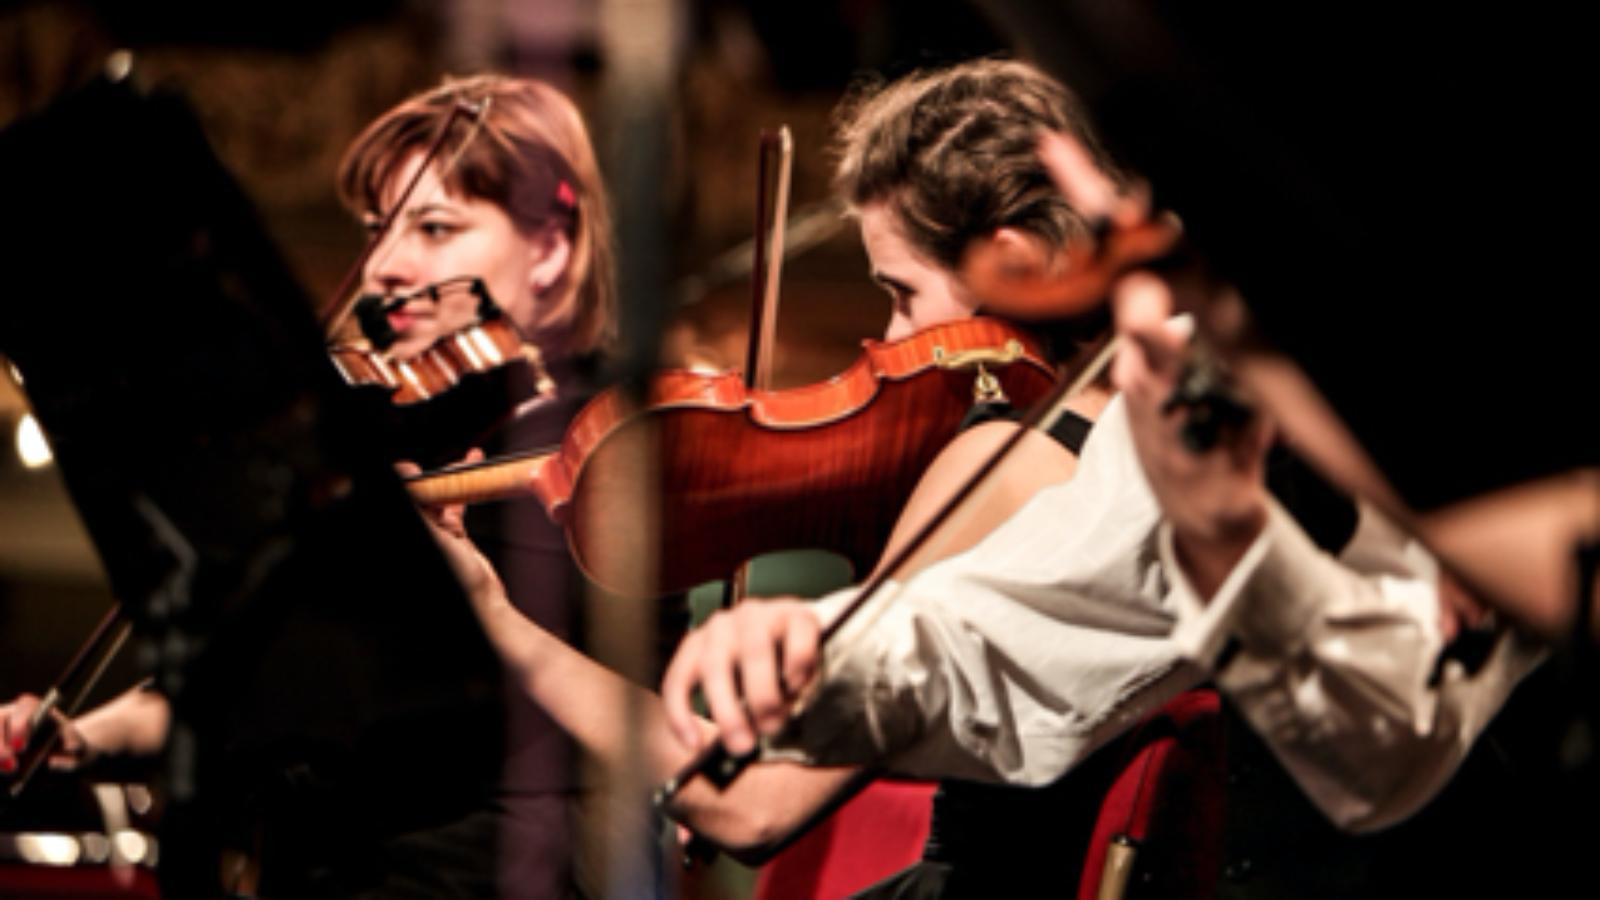 ヴァイオリンを弾いていて「首が痛い」と思ったときのチェックポイントを教えるよ